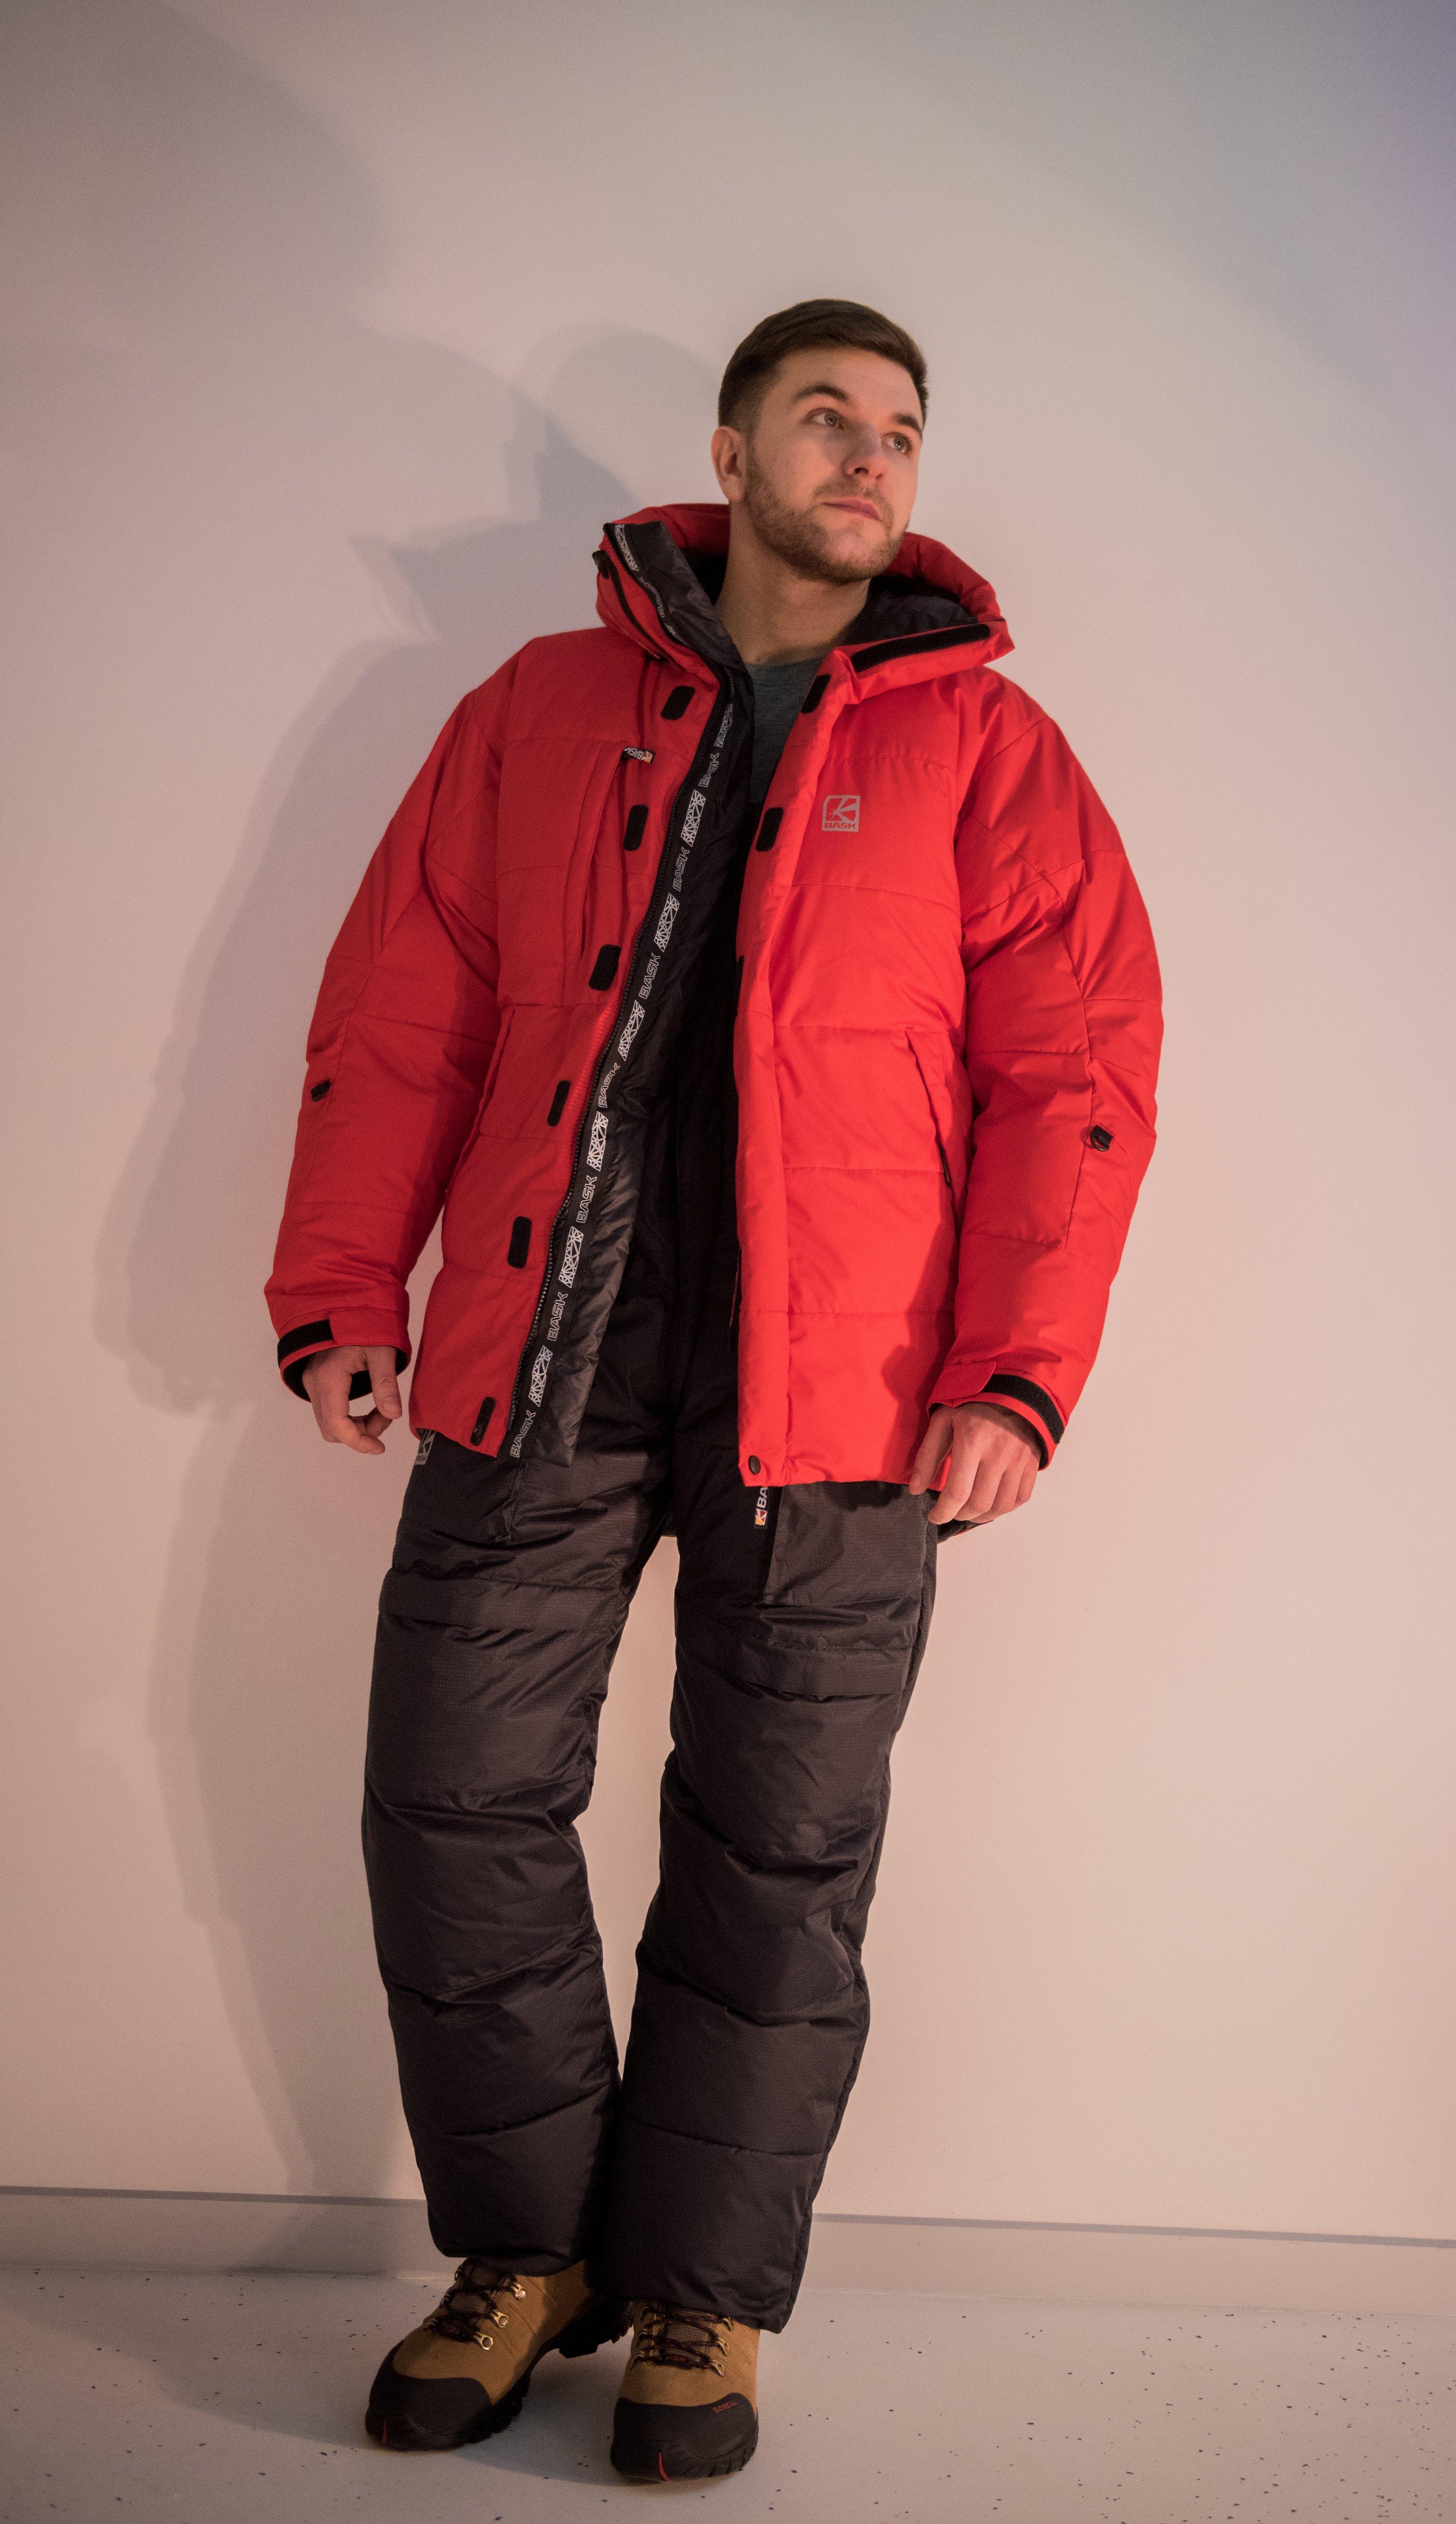 Пуховая куртка БАСК EVEREST V2 3805AКуртки<br>Тёплая и максимально лёгкая пуховая куртка для восхождений, в конструкции которой объединены достоинства моделей BASK KHAN TENGRI и ERTZOG. В версии V2 в качестве верхней ткани используется Gelanots&amp;reg; GHB.<br><br>&quot;Дышащие&quot; свойства: Да<br>Верхняя ткань: Gelanots® GHB<br>Вес граммы: 800<br>Вес утеплителя: 390<br>Ветро-влагозащитные свойства верхней ткани: Да<br>Ветрозащитная планка: Да<br>Ветрозащитная юбка: Нет<br>Влагозащитные молнии: Нет<br>Внутренние манжеты: Нет<br>Внутренняя ткань: Advance® Classic<br>Водонепроницаемость: 1000<br>Дублирующий центральную молнию клапан: Да<br>Защитный козырёк капюшона: Нет<br>Капюшон: Несъемный<br>Карман для средств связи: Нет<br>Количество внешних карманов: 3<br>Количество внутренних карманов: 2<br>Коллекция: Alpine Expert DOWN<br>Мембрана: Advance MPC<br>Объемный крой локтевой зоны: Да<br>Отстёгивающиеся рукава: Нет<br>Паропроницаемость: 7000<br>Показатель Fill Power (для пуховых изделий): 850<br>Пол: Мужской<br>Проклейка швов: Нет<br>Регулировка манжетов рукавов: Да<br>Регулировка низа: Да<br>Регулировка объёма капюшона: Да<br>Регулировка талии: Да<br>Регулируемые вентиляционные отверстия: Нет<br>Световозвращающая лента: Нет<br>Температурный режим: -25<br>Технология Thermal Welding: Нет<br>Технология швов: Теплые и закрытые<br>Тип молнии: Двухзамковая<br>Тип утеплителя: Натуральный<br>Ткань усиления: Нет<br>Усиление контактных зон: Нет<br>Утеплитель: Гусиный пух<br>Размер RU: 48<br>Цвет: СЕРЫЙ